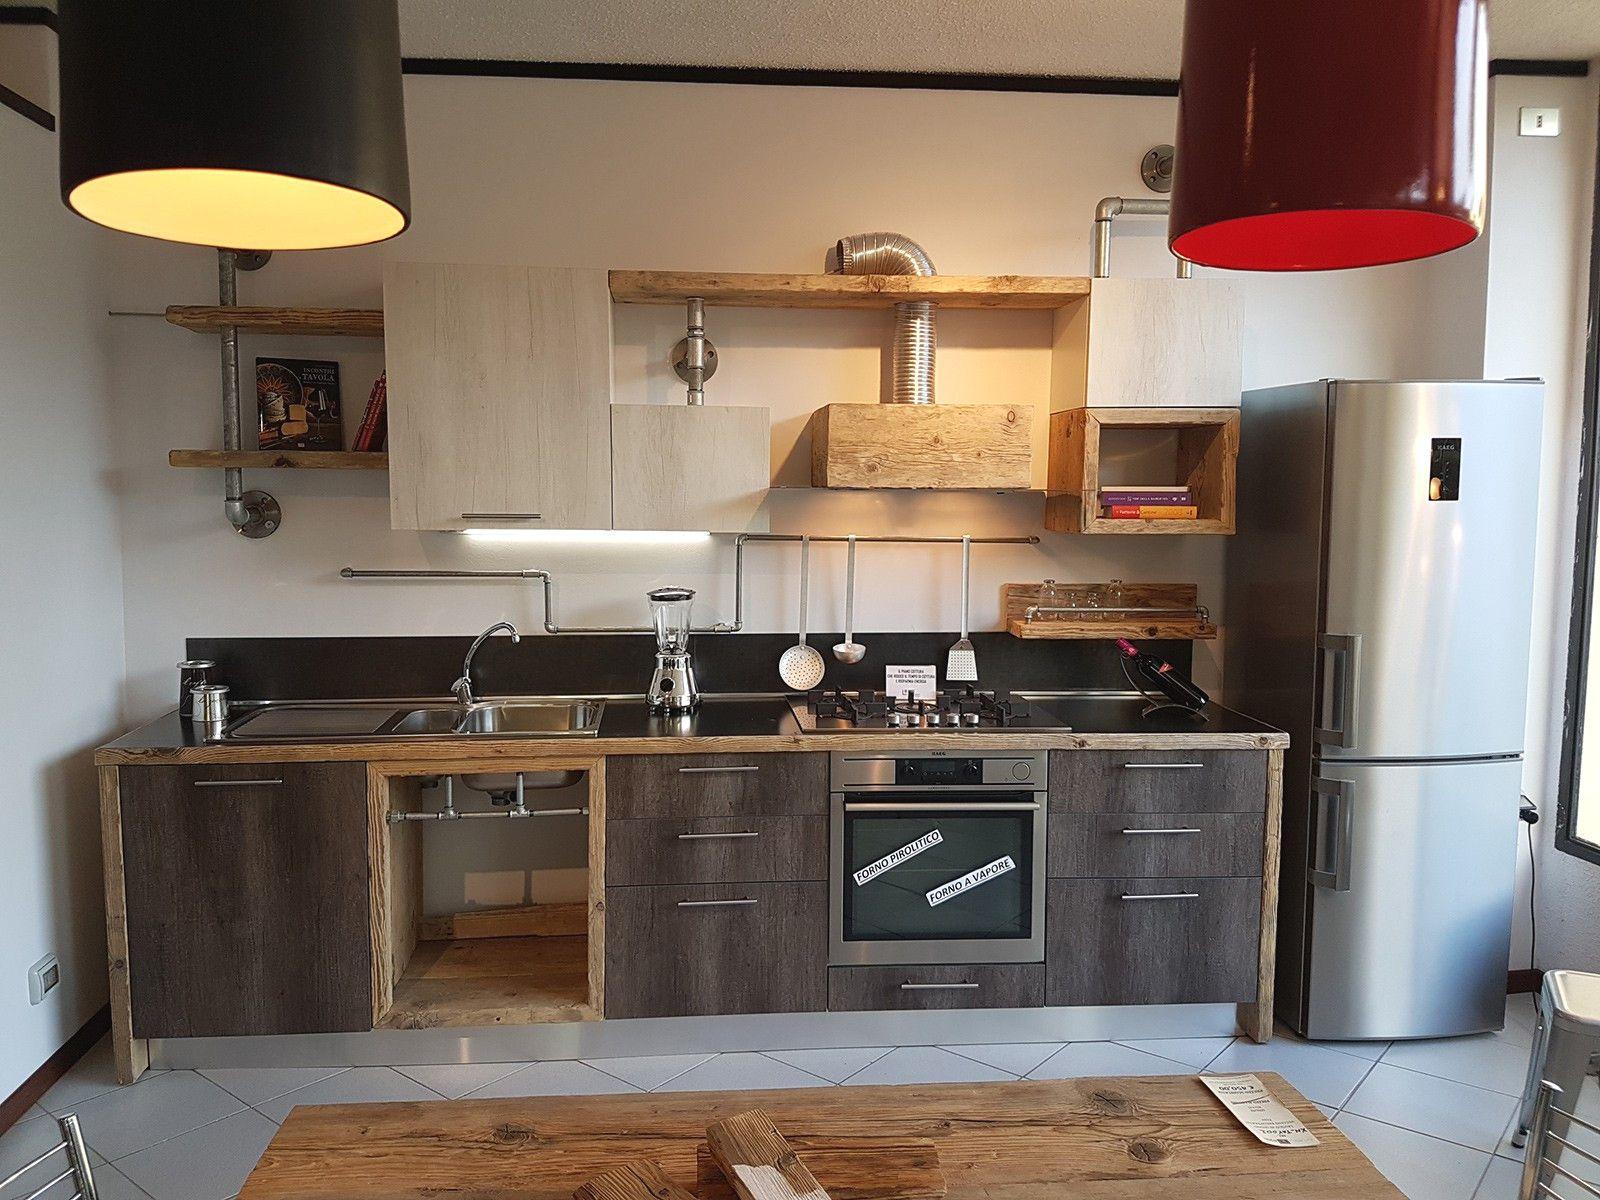 Top Cucina Acciaio Inox Prezzo Decorazione Di Design Per La ...